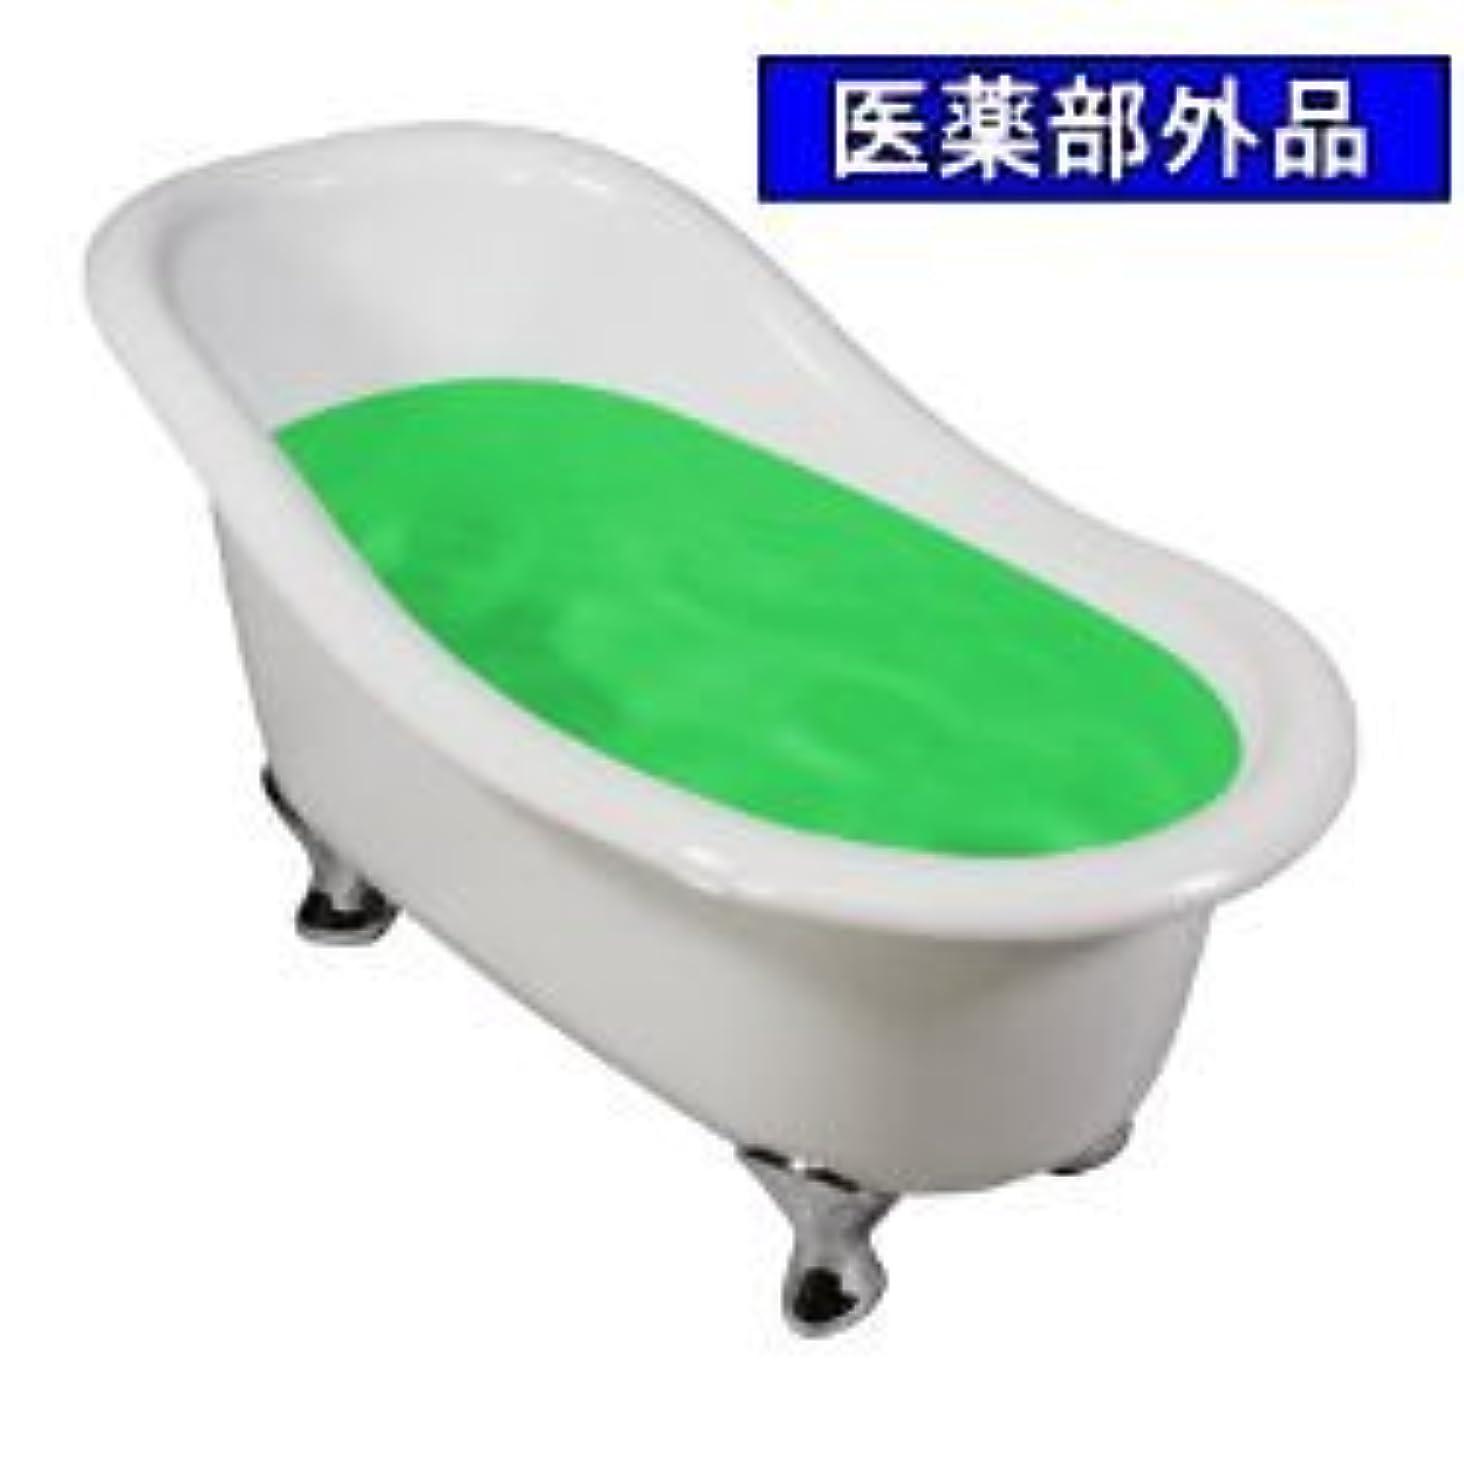 取り消す安全な抑止する業務用薬用入浴剤バスフレンド 薬草 17kg 医薬部外品